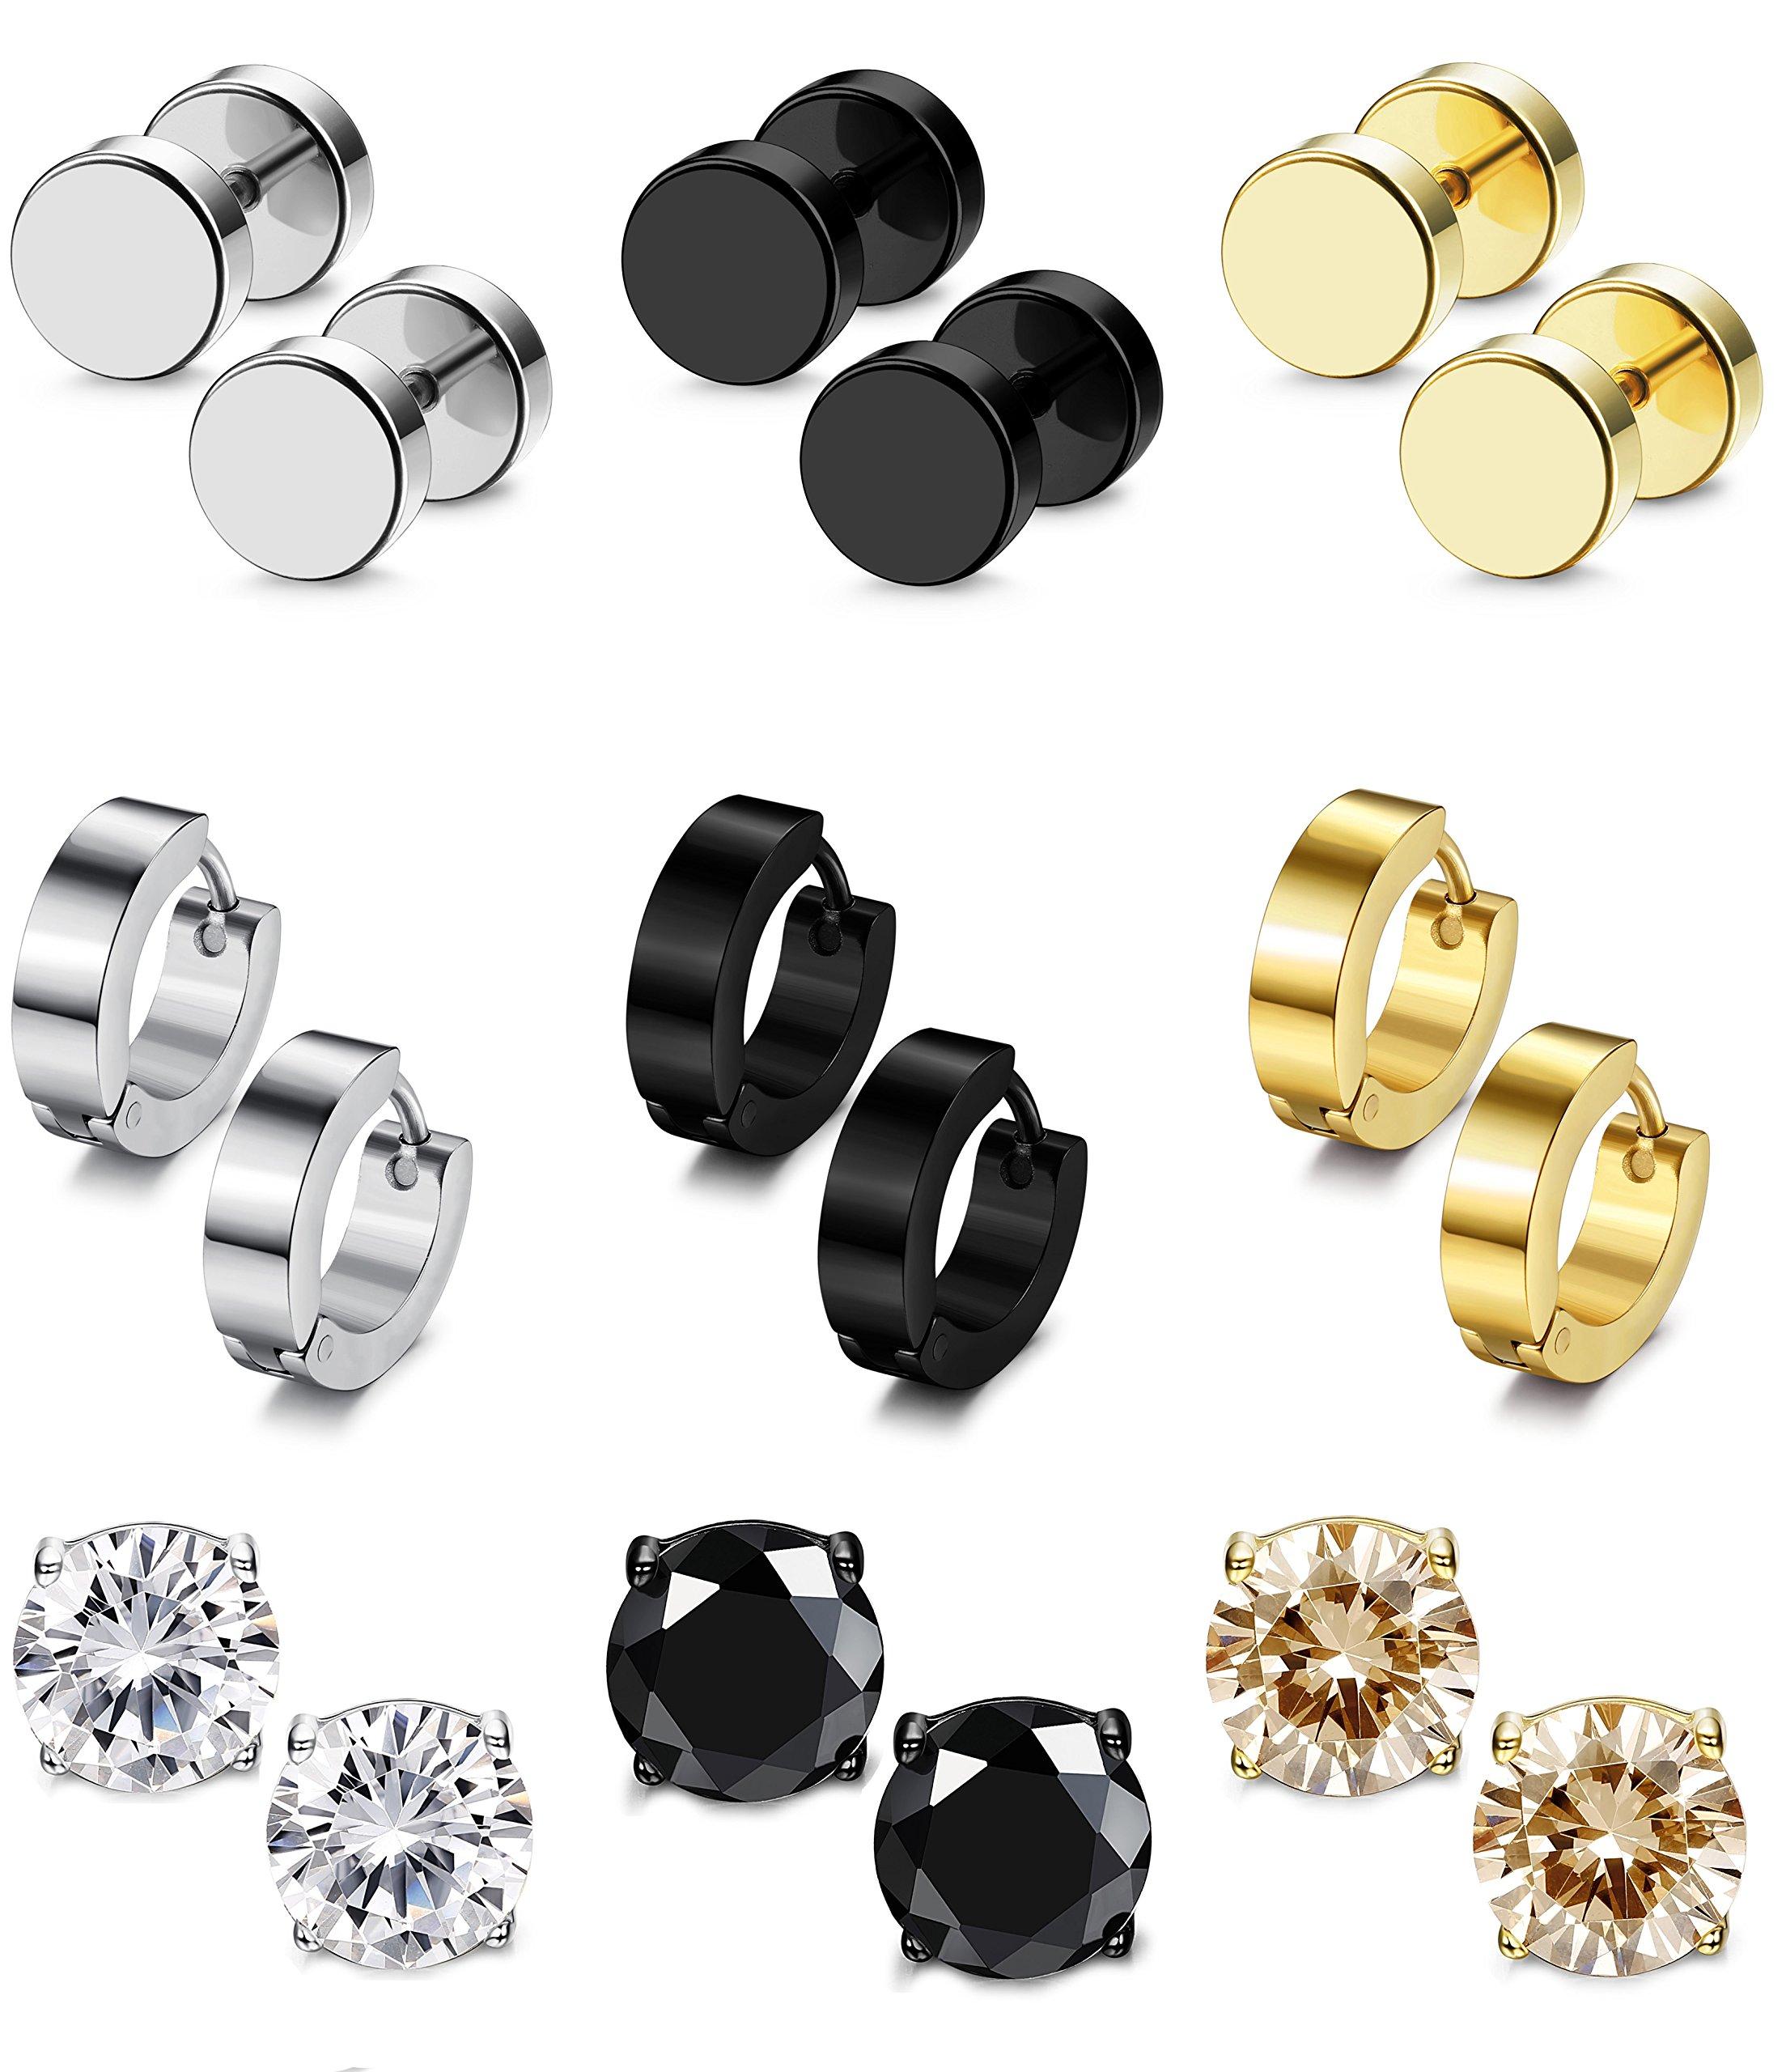 Besteel 9 Pairs Stainless Steel CZ Stud Earrings Hoop Earrings Gauge Earrings Set for Men Women piercing earrings